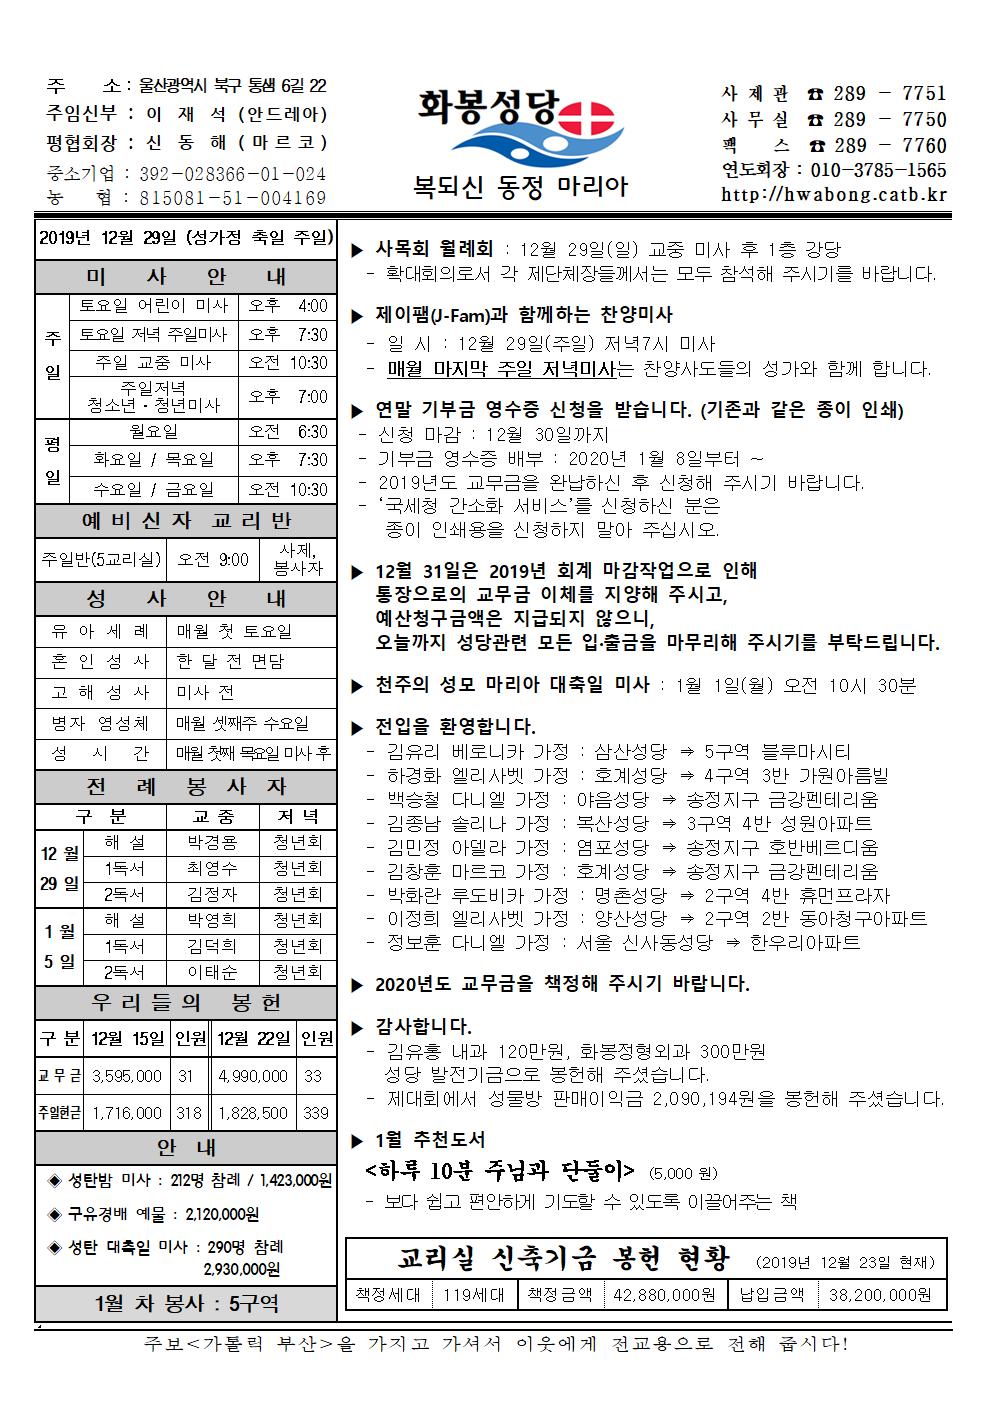 화봉성당20191229주보.png